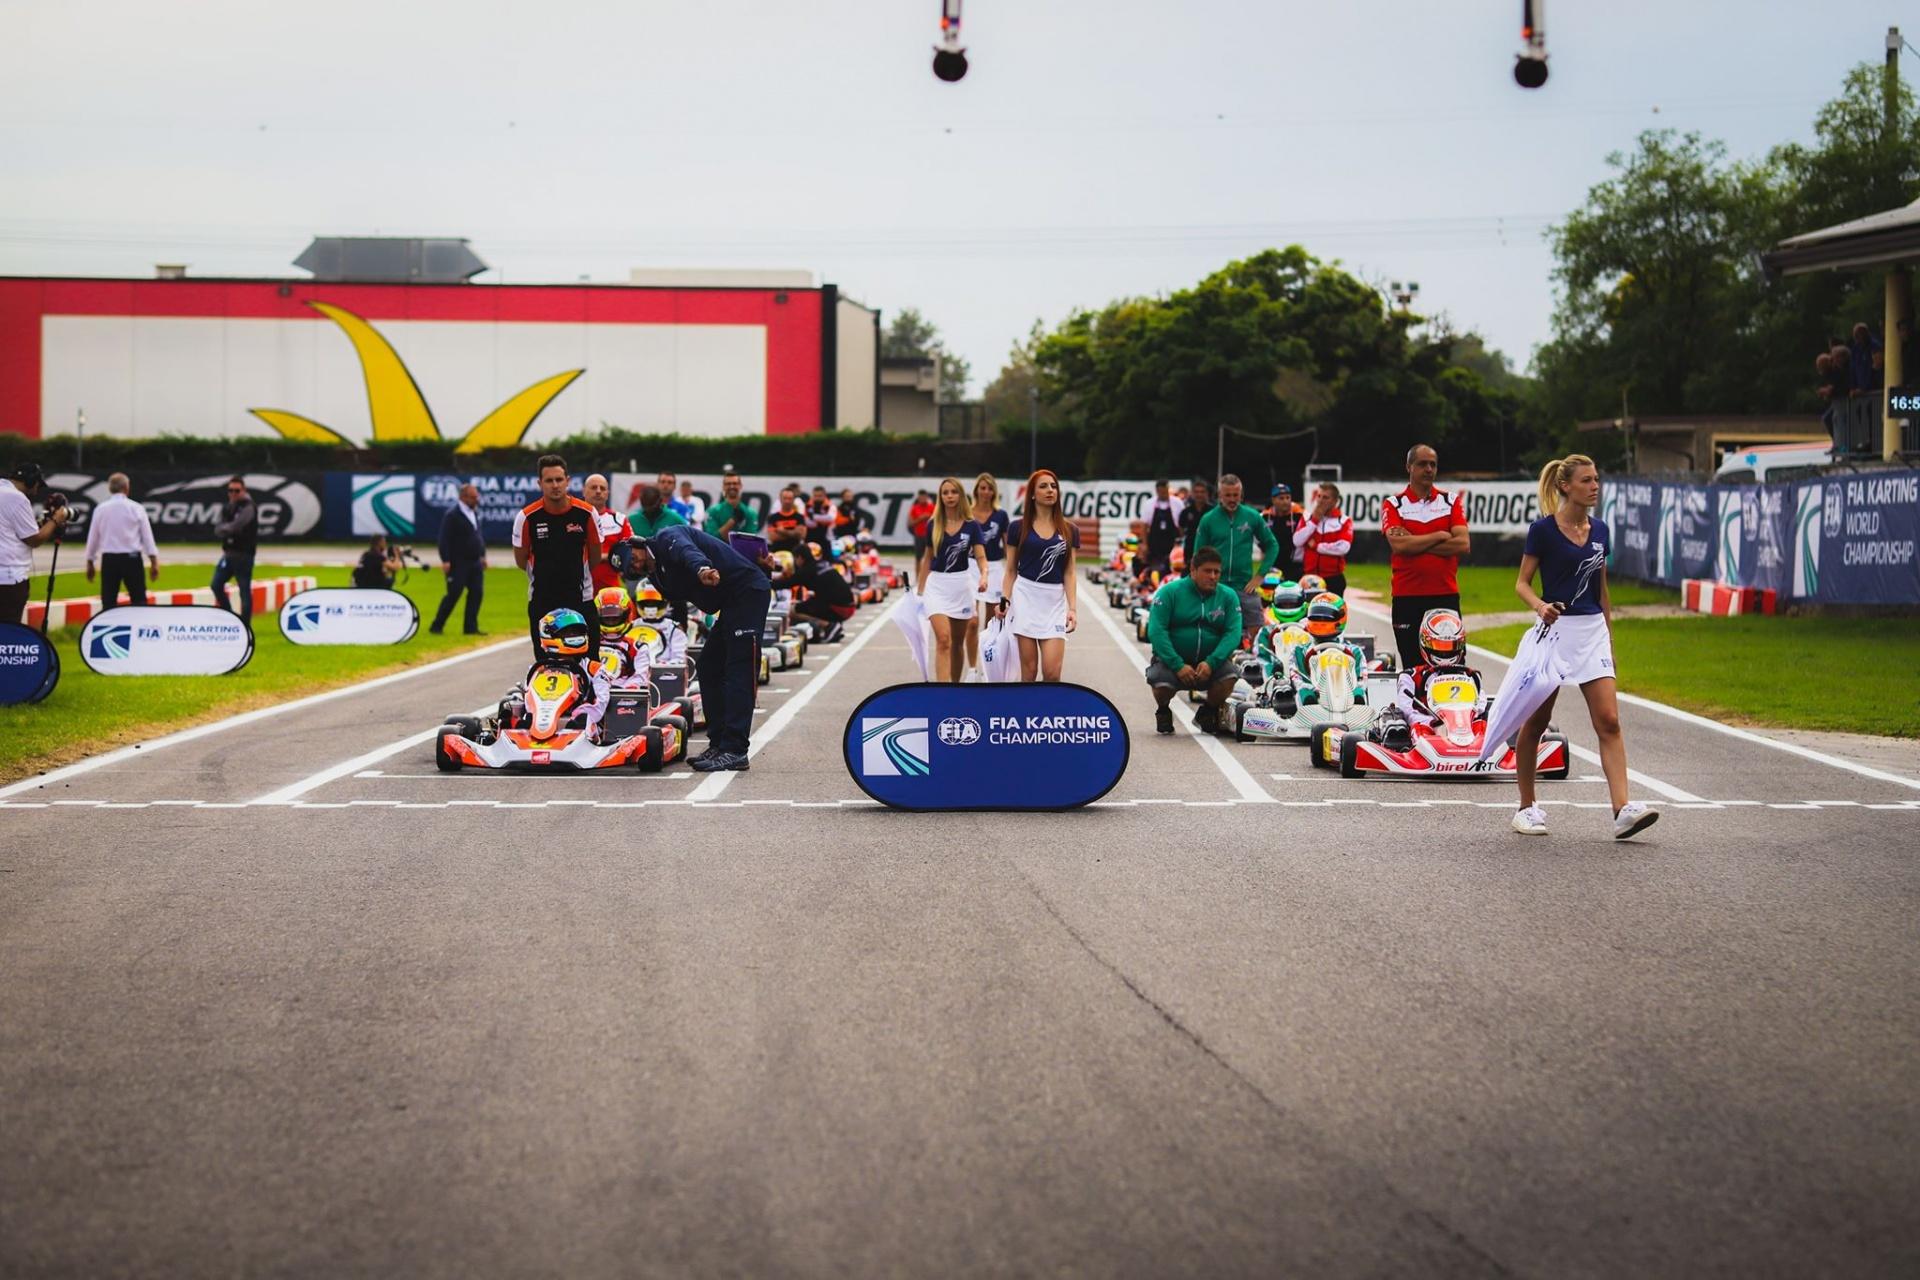 FIA Karting posticipa l'inizio del Campionato Europeo, rimandate Zuera e Lonato